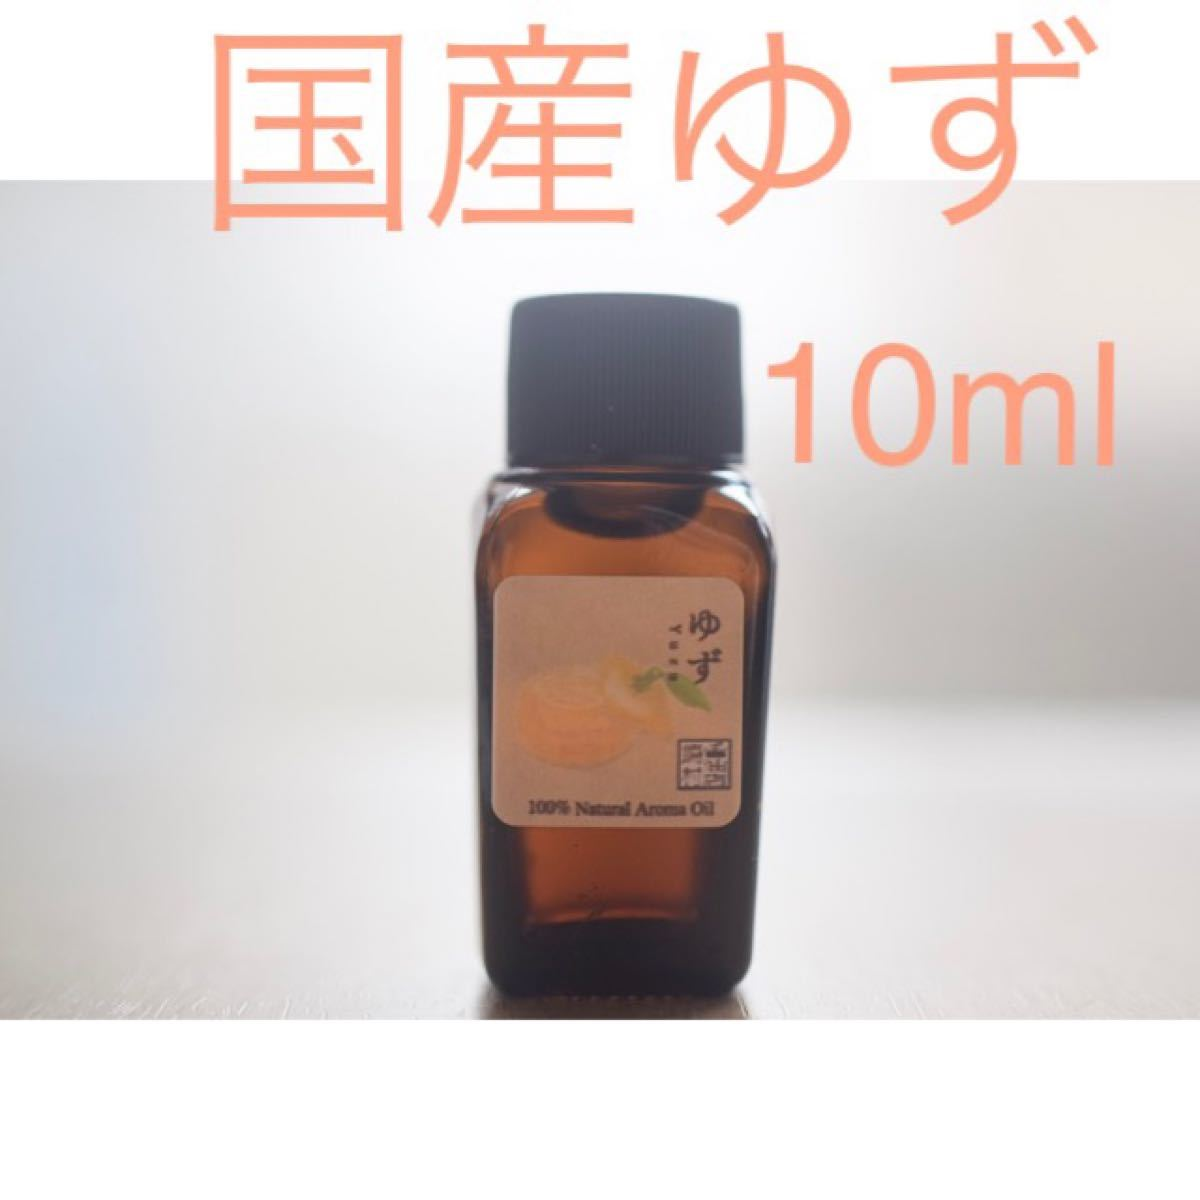 ゆず 10ml アロマ用精油 エッセンシャルオイル